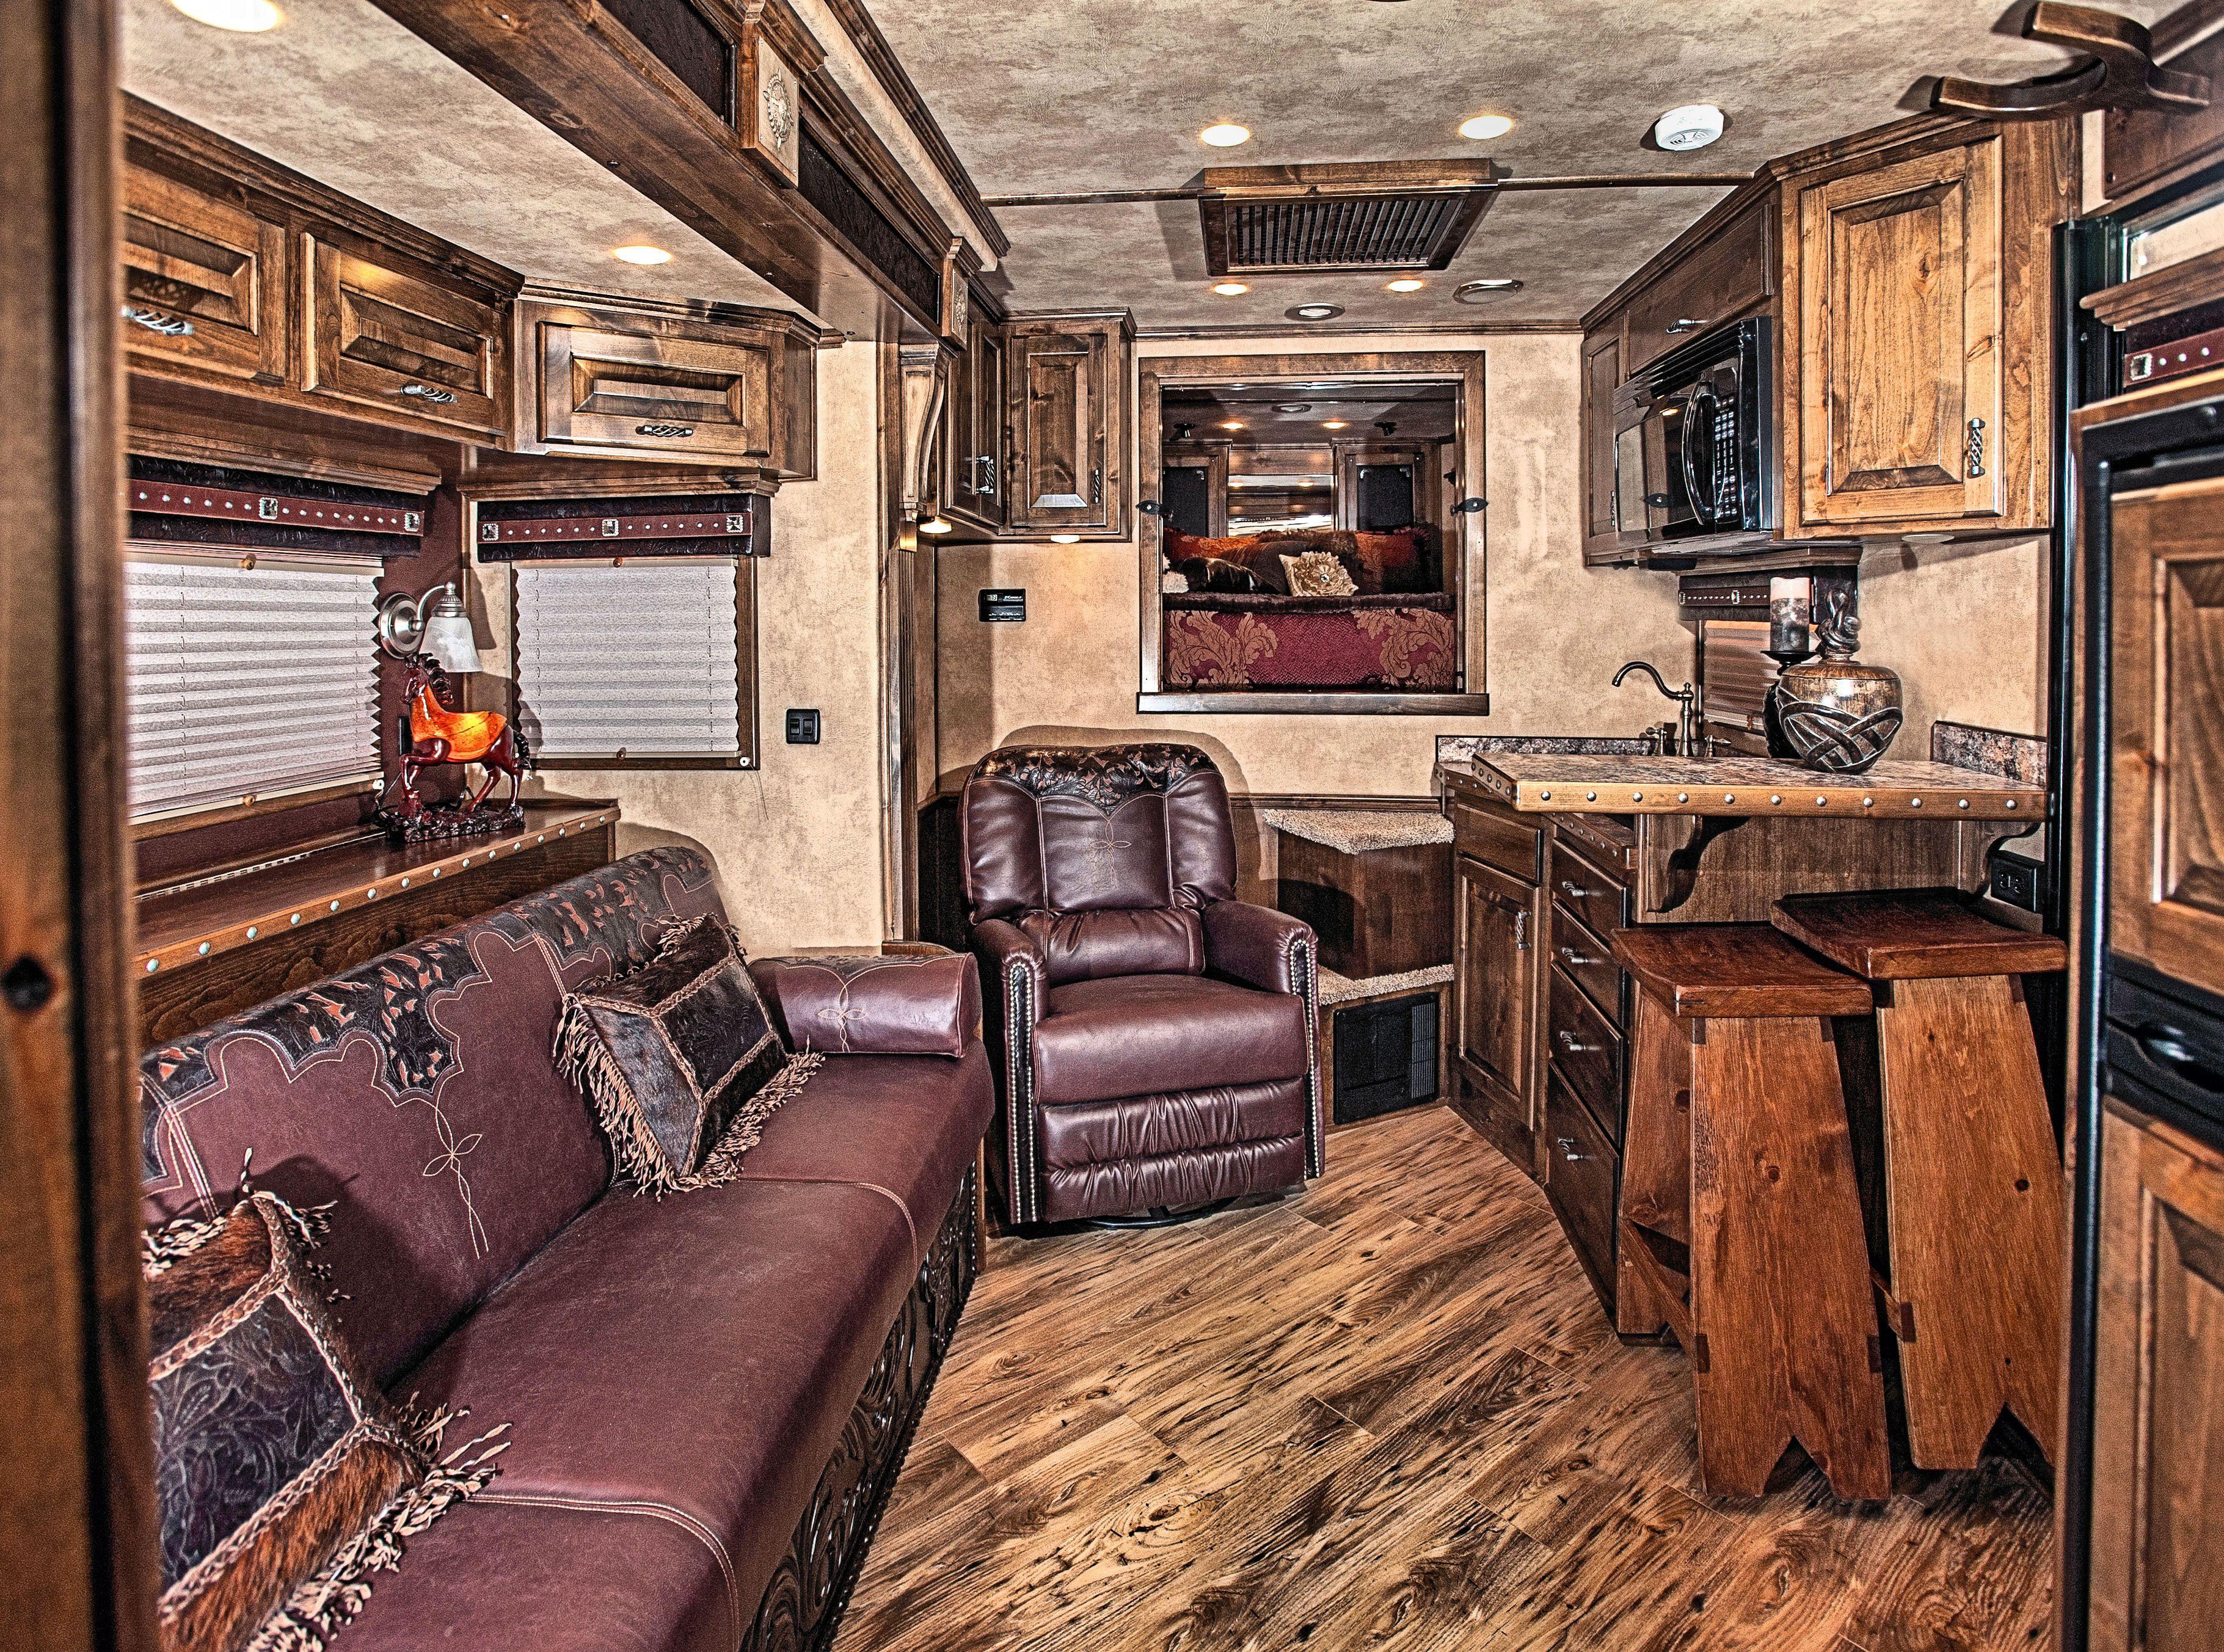 Living quarters trailer galleries elite trailers horse